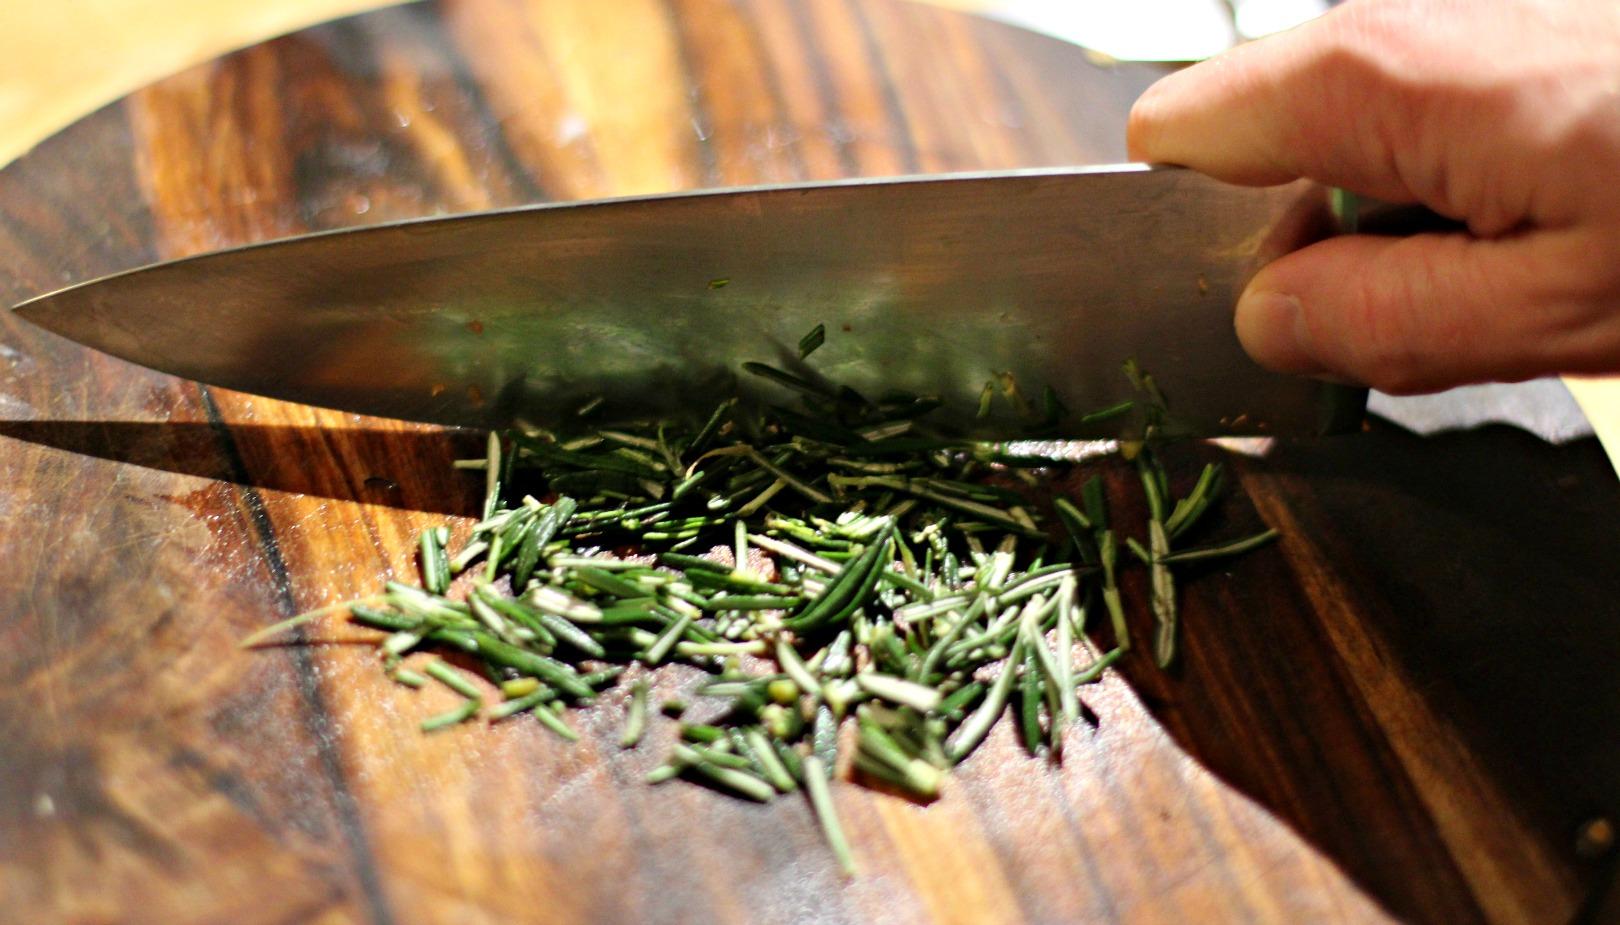 Die frischen Rosmarinnadeln mit einem scharfen Messer feinhacken.